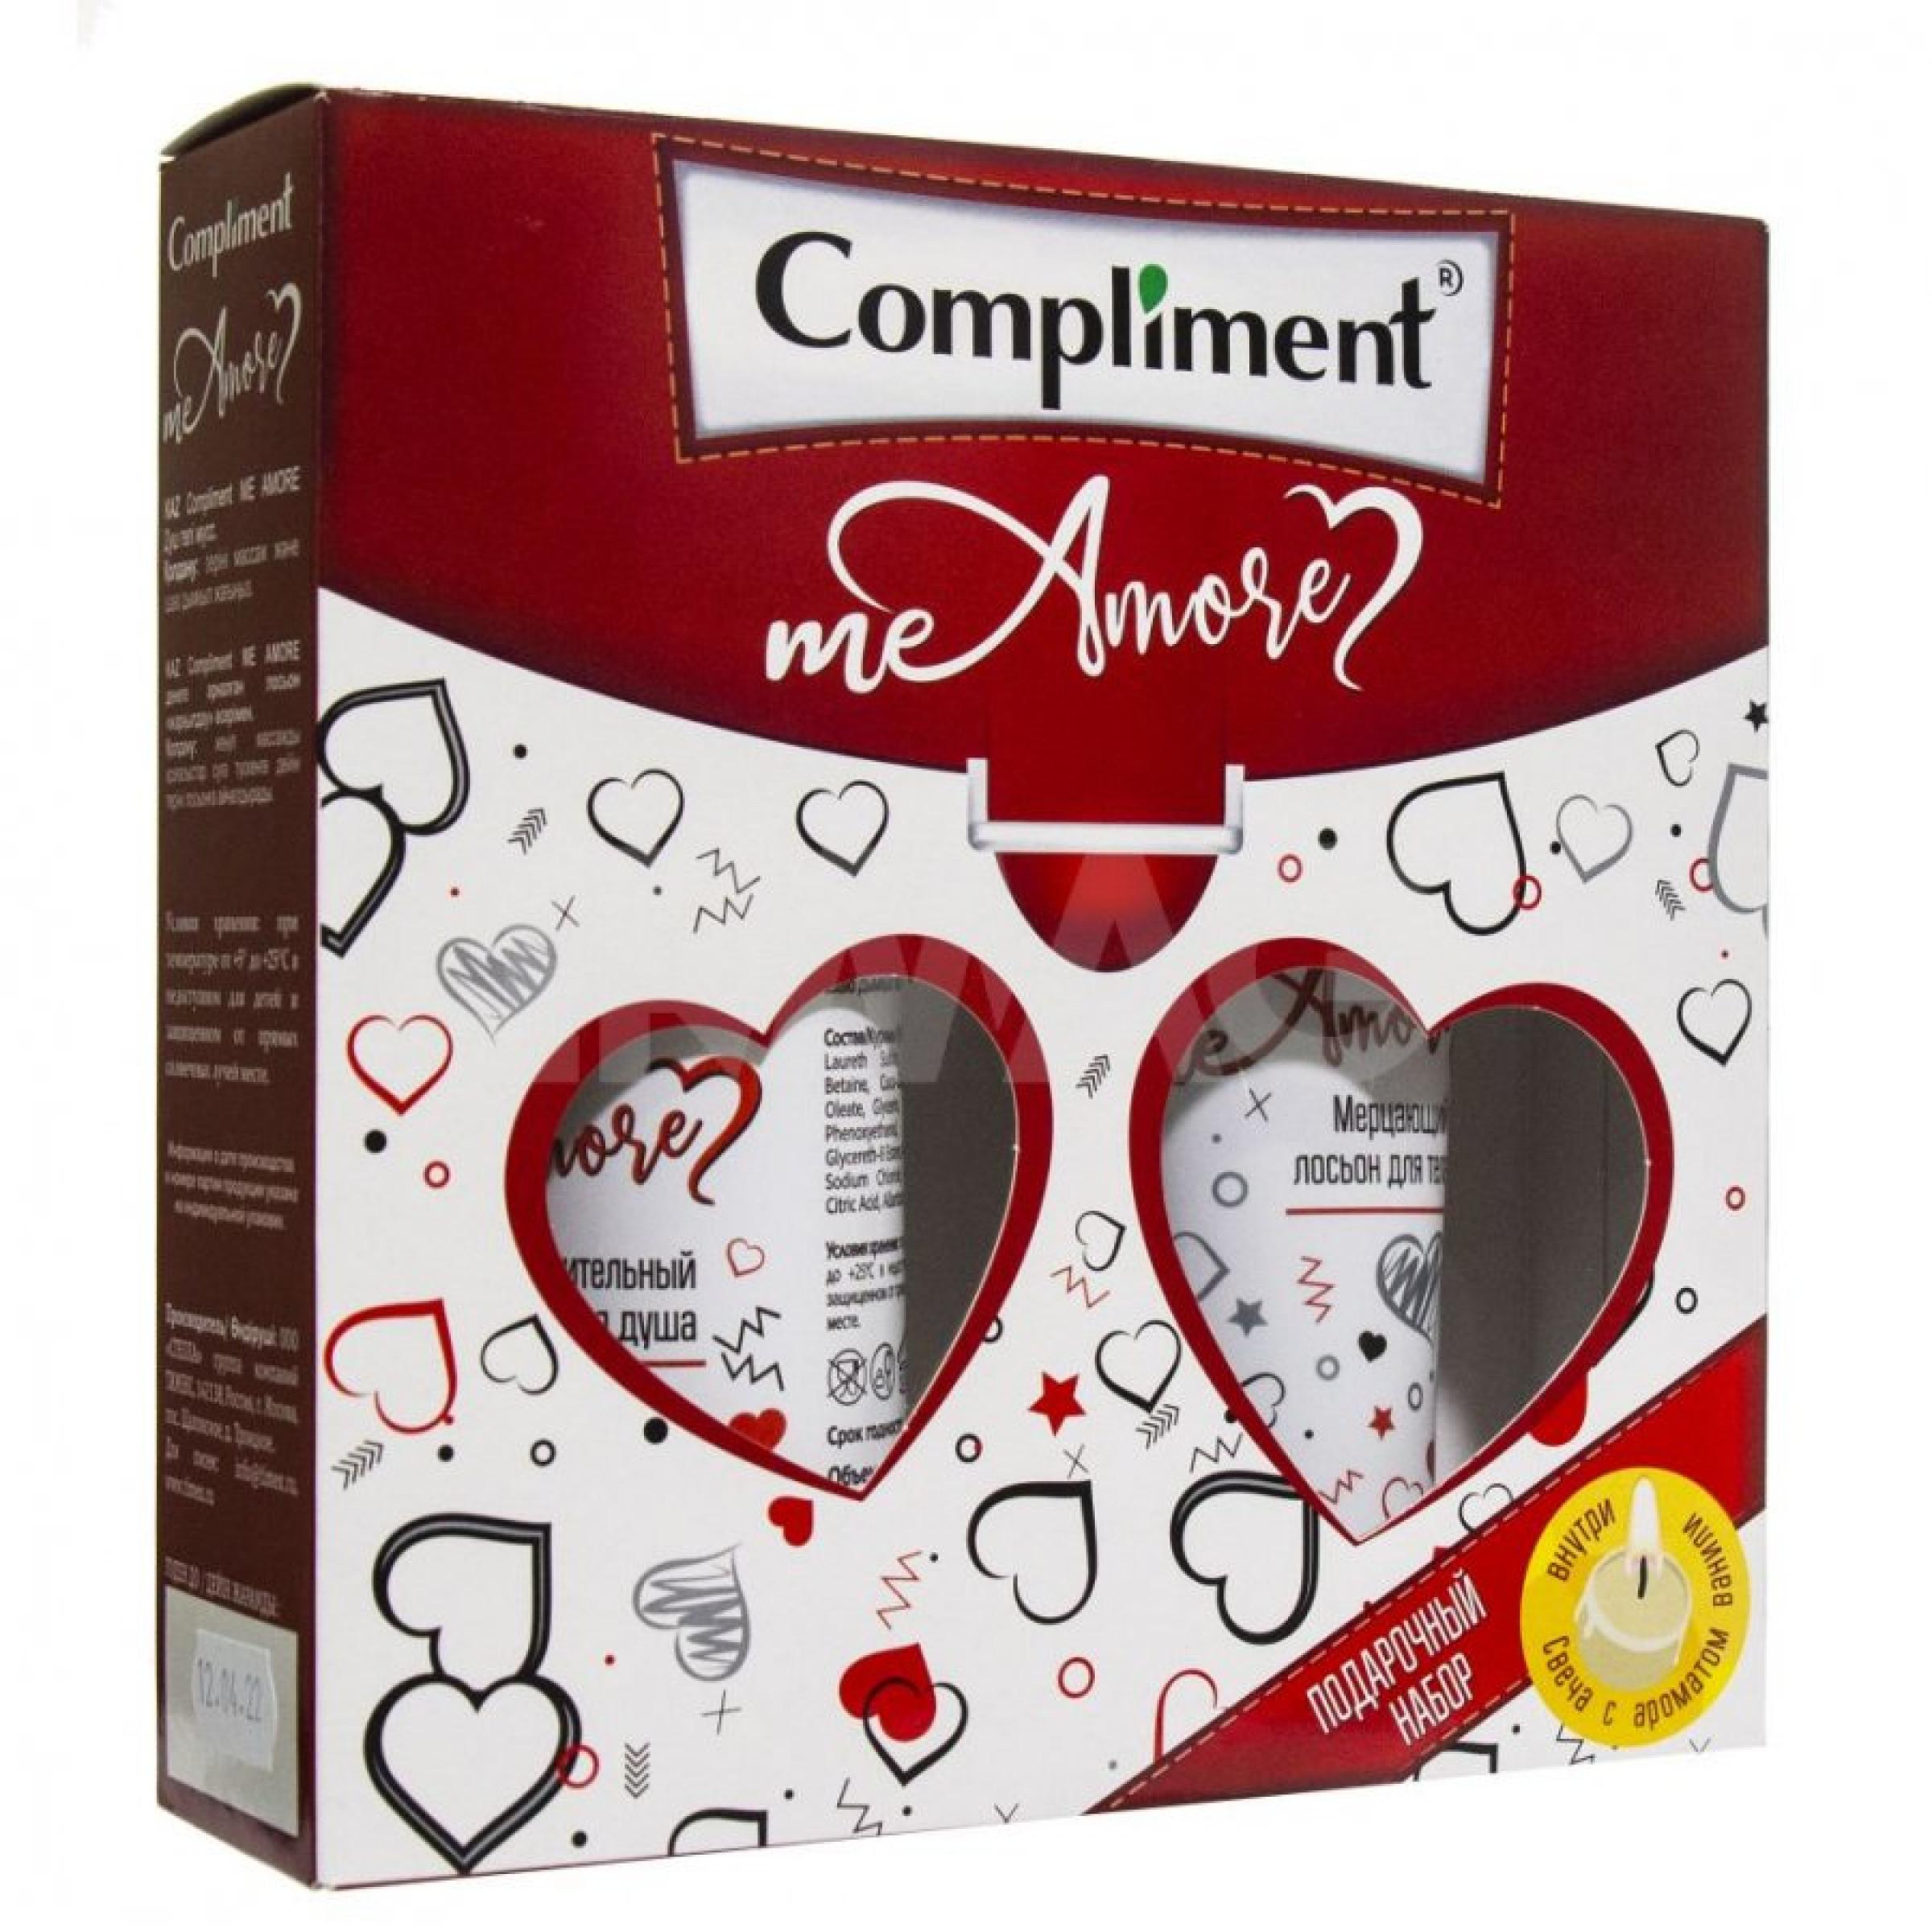 Подарочный набор Гель-мусс для душа 200мл + мерцающий лосьон для тела 80мл + свеча Compliment, 1шт